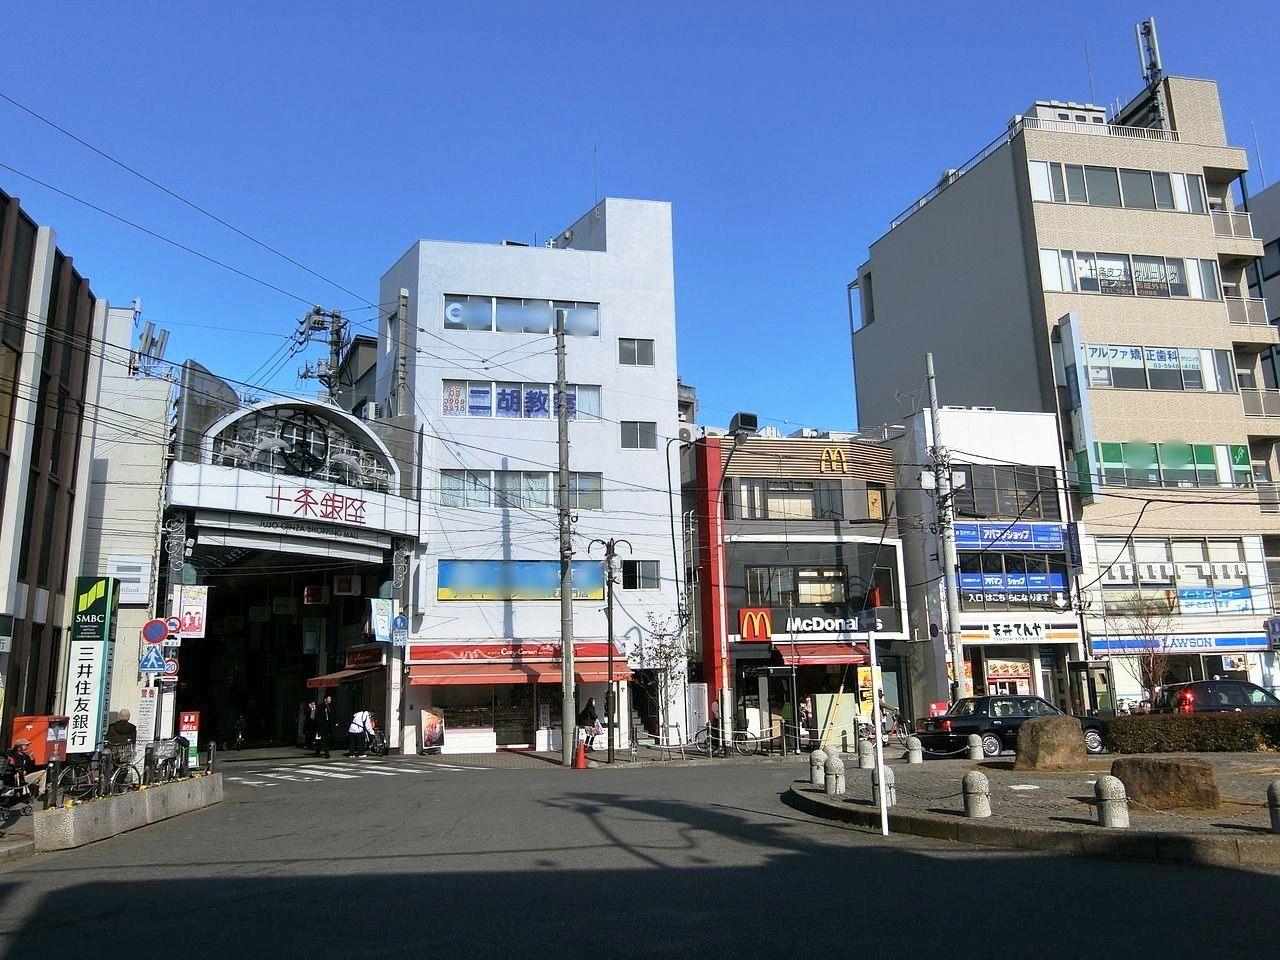 十条駅前のロータリーと十条銀座商店街